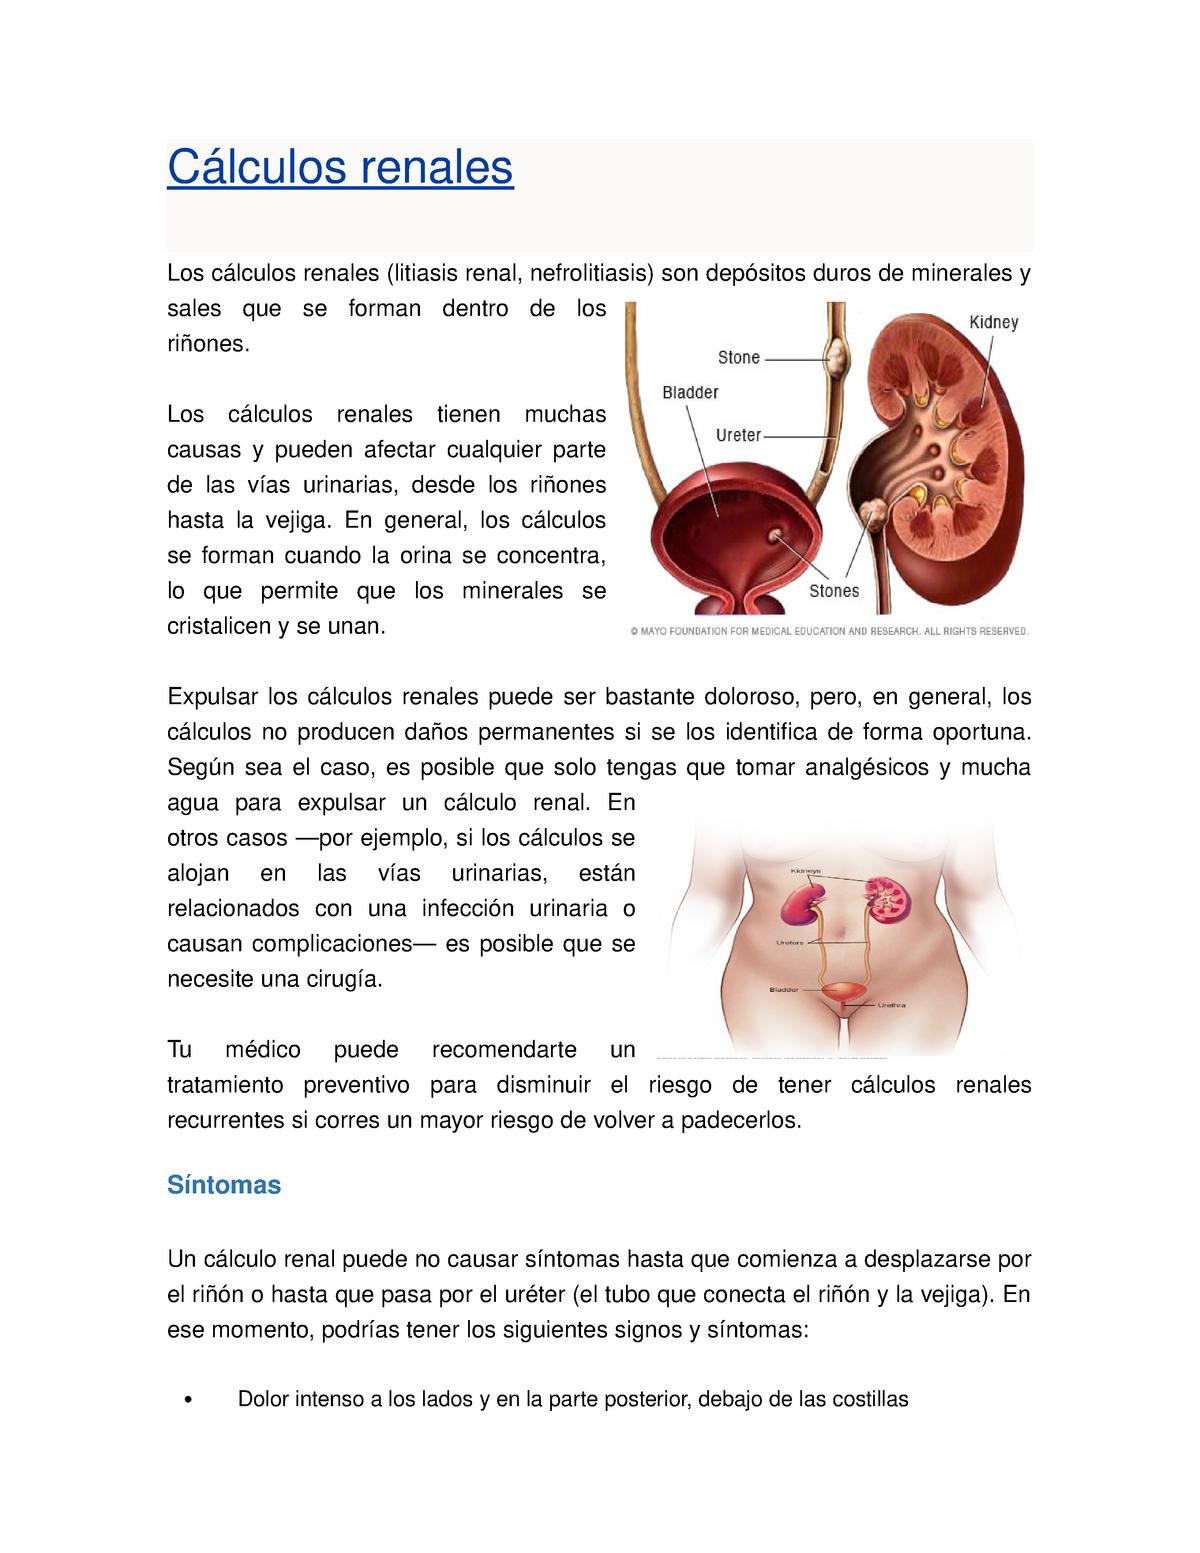 tubo desde el riñón hasta la vejiga